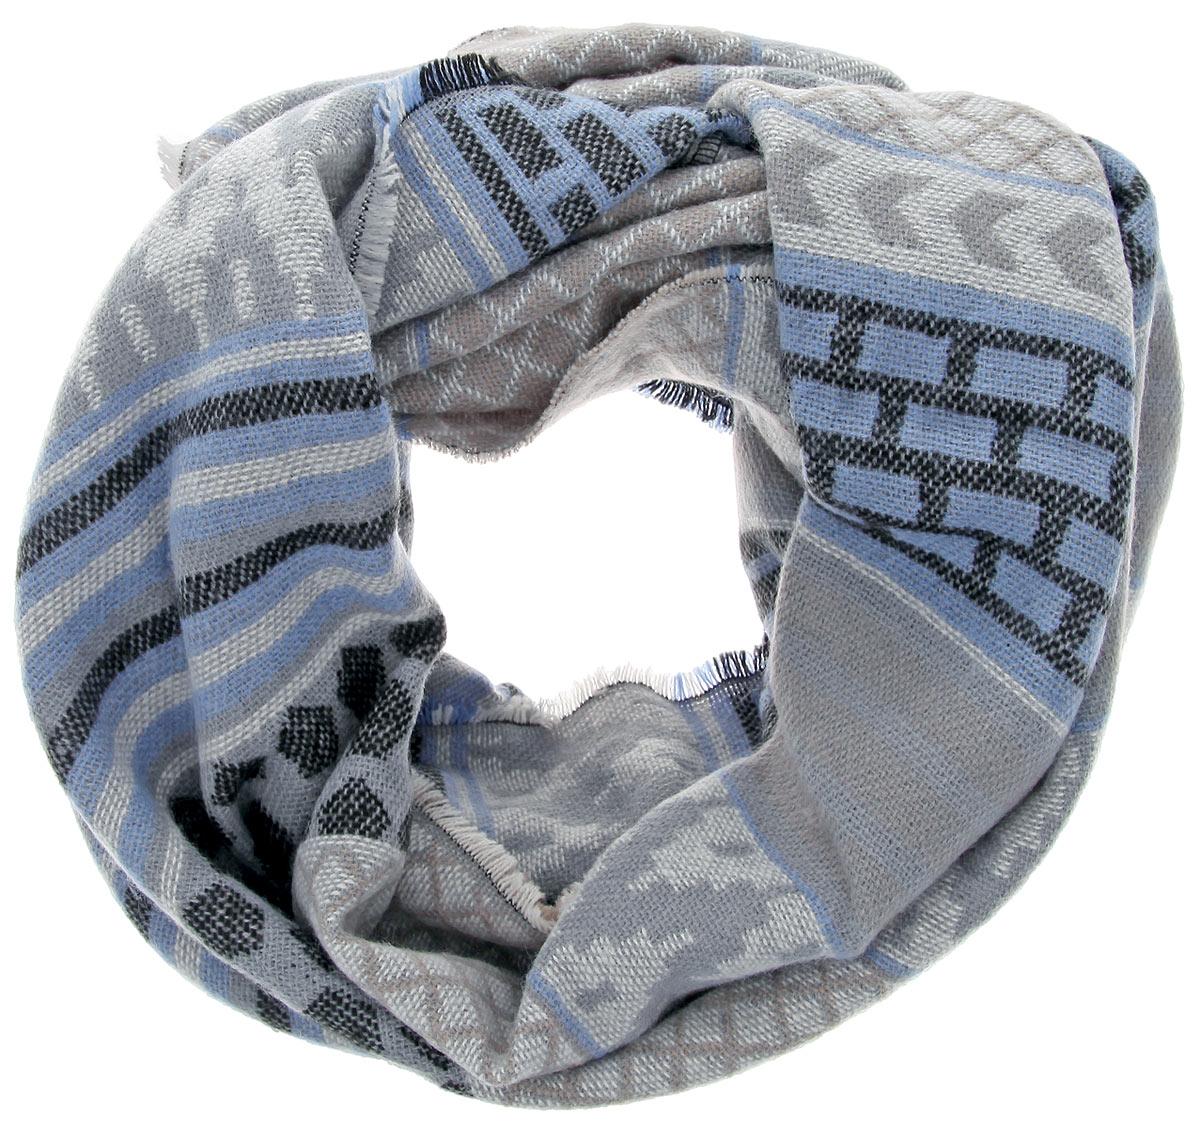 Шарф-хомут Denim. 0220008.00.710220008.00.71_6933Стильный шарф-хомут Tom Tailor Denim дополнит ваш наряд и не позволит вам замерзнуть в прохладное время года. Модель изготовлена из высококачественной полиакриловой пряжи, что позволяет ей великолепно сохранять тепло и обеспечивает высокую эластичность. Оформлена модель вязаным орнаментом. Такой шарф-хомут станет модным и стильным дополнением вашего гардероба. Он согреет вас и позволит подчеркнуть свою индивидуальность!